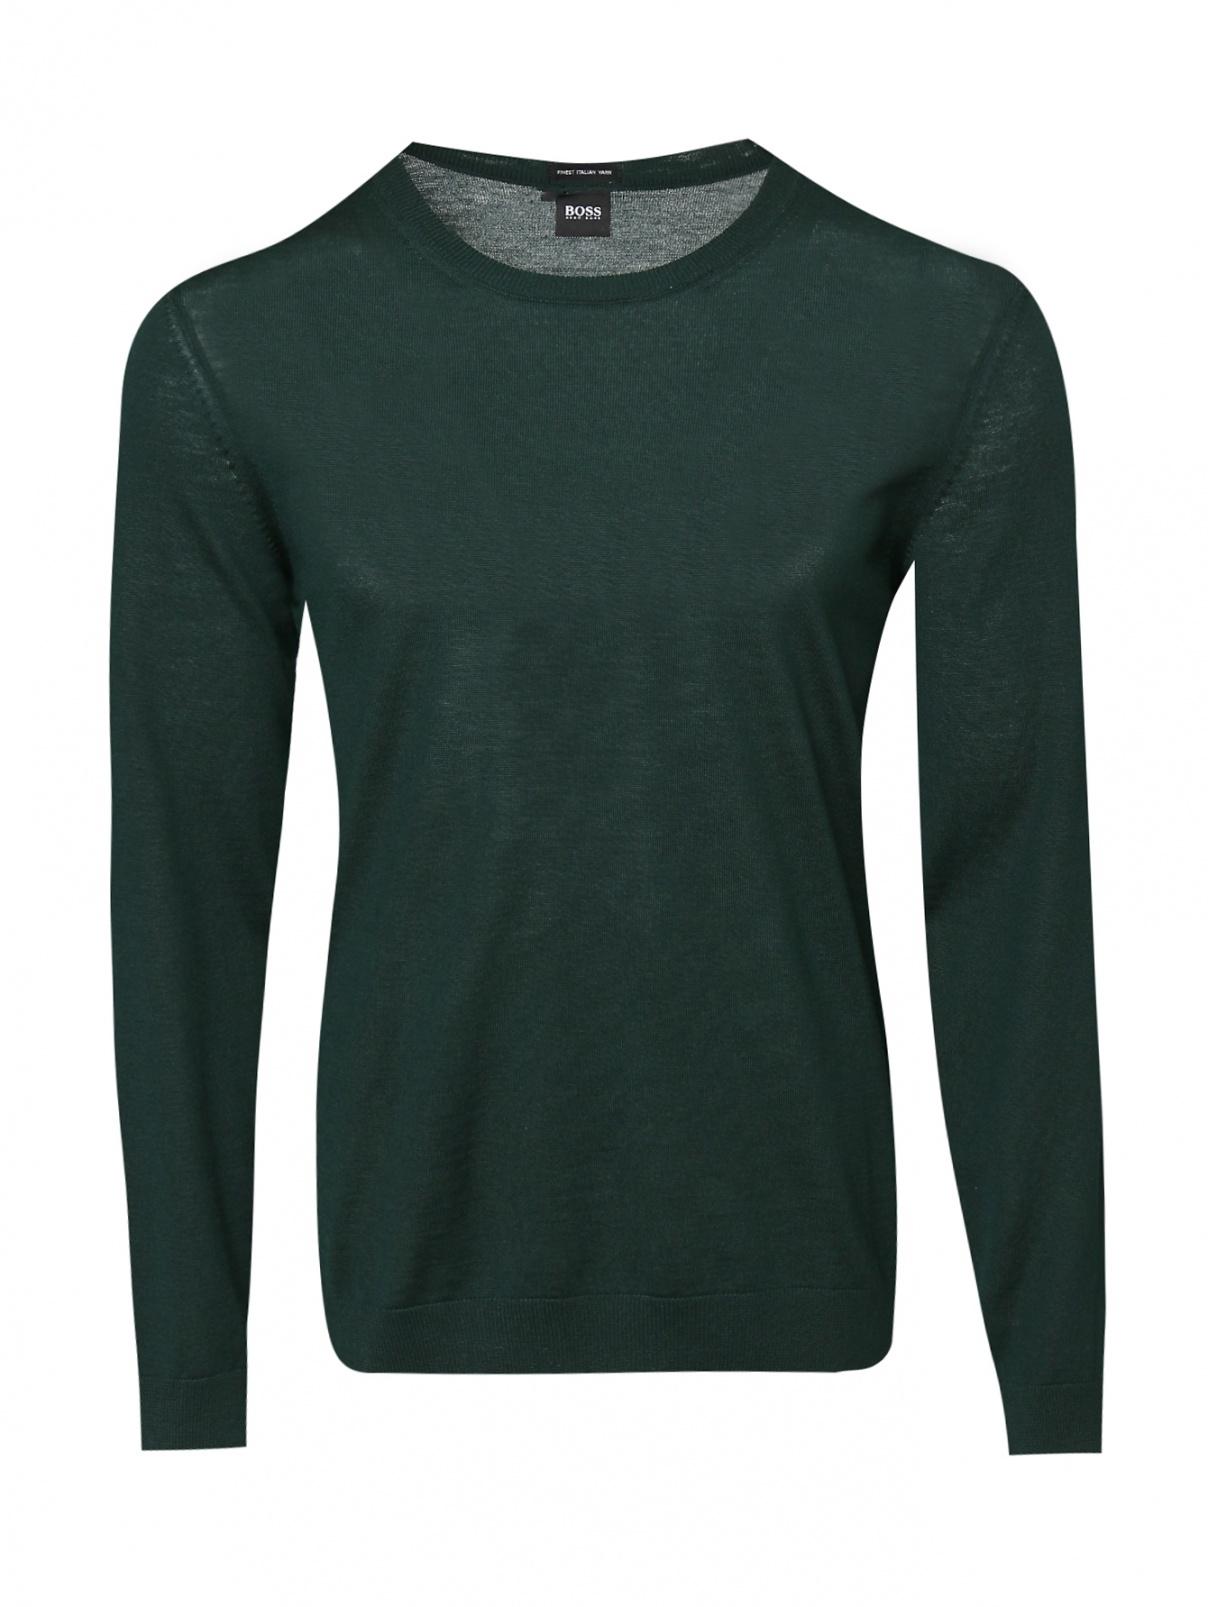 Джемпер однотонный из шерсти BOSS  –  Общий вид  – Цвет:  Зеленый